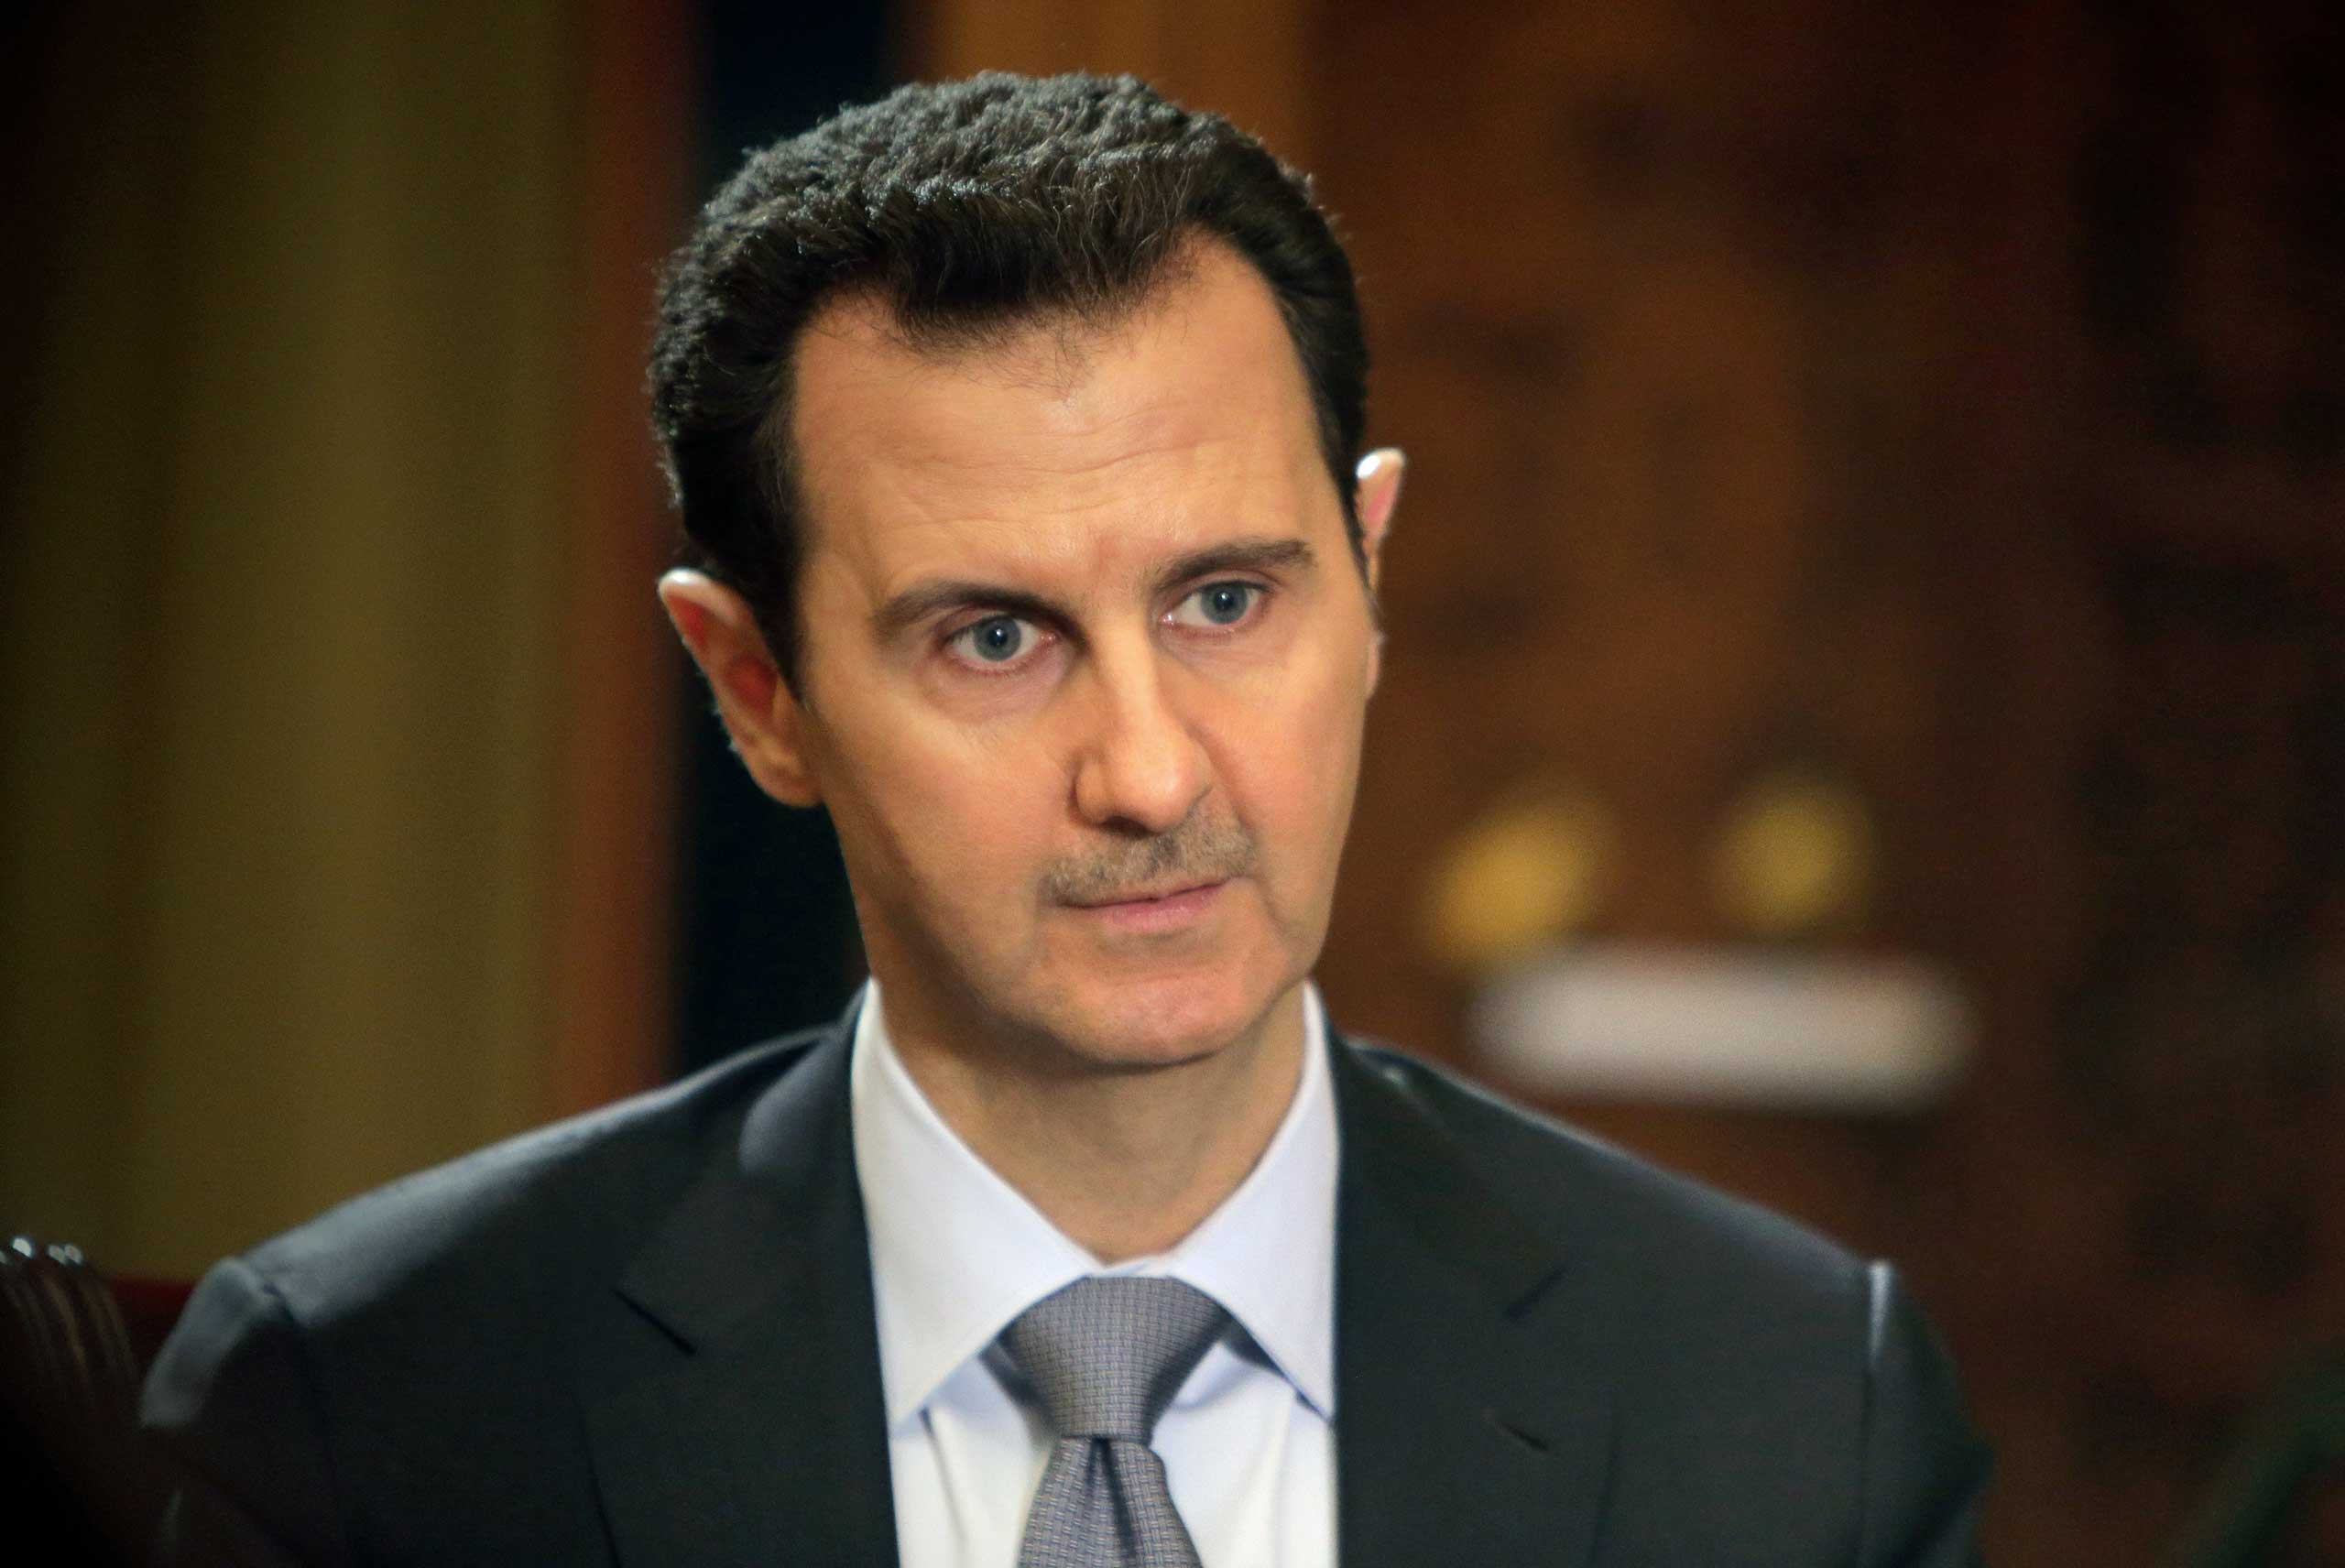 President Bashar Assad in 2014